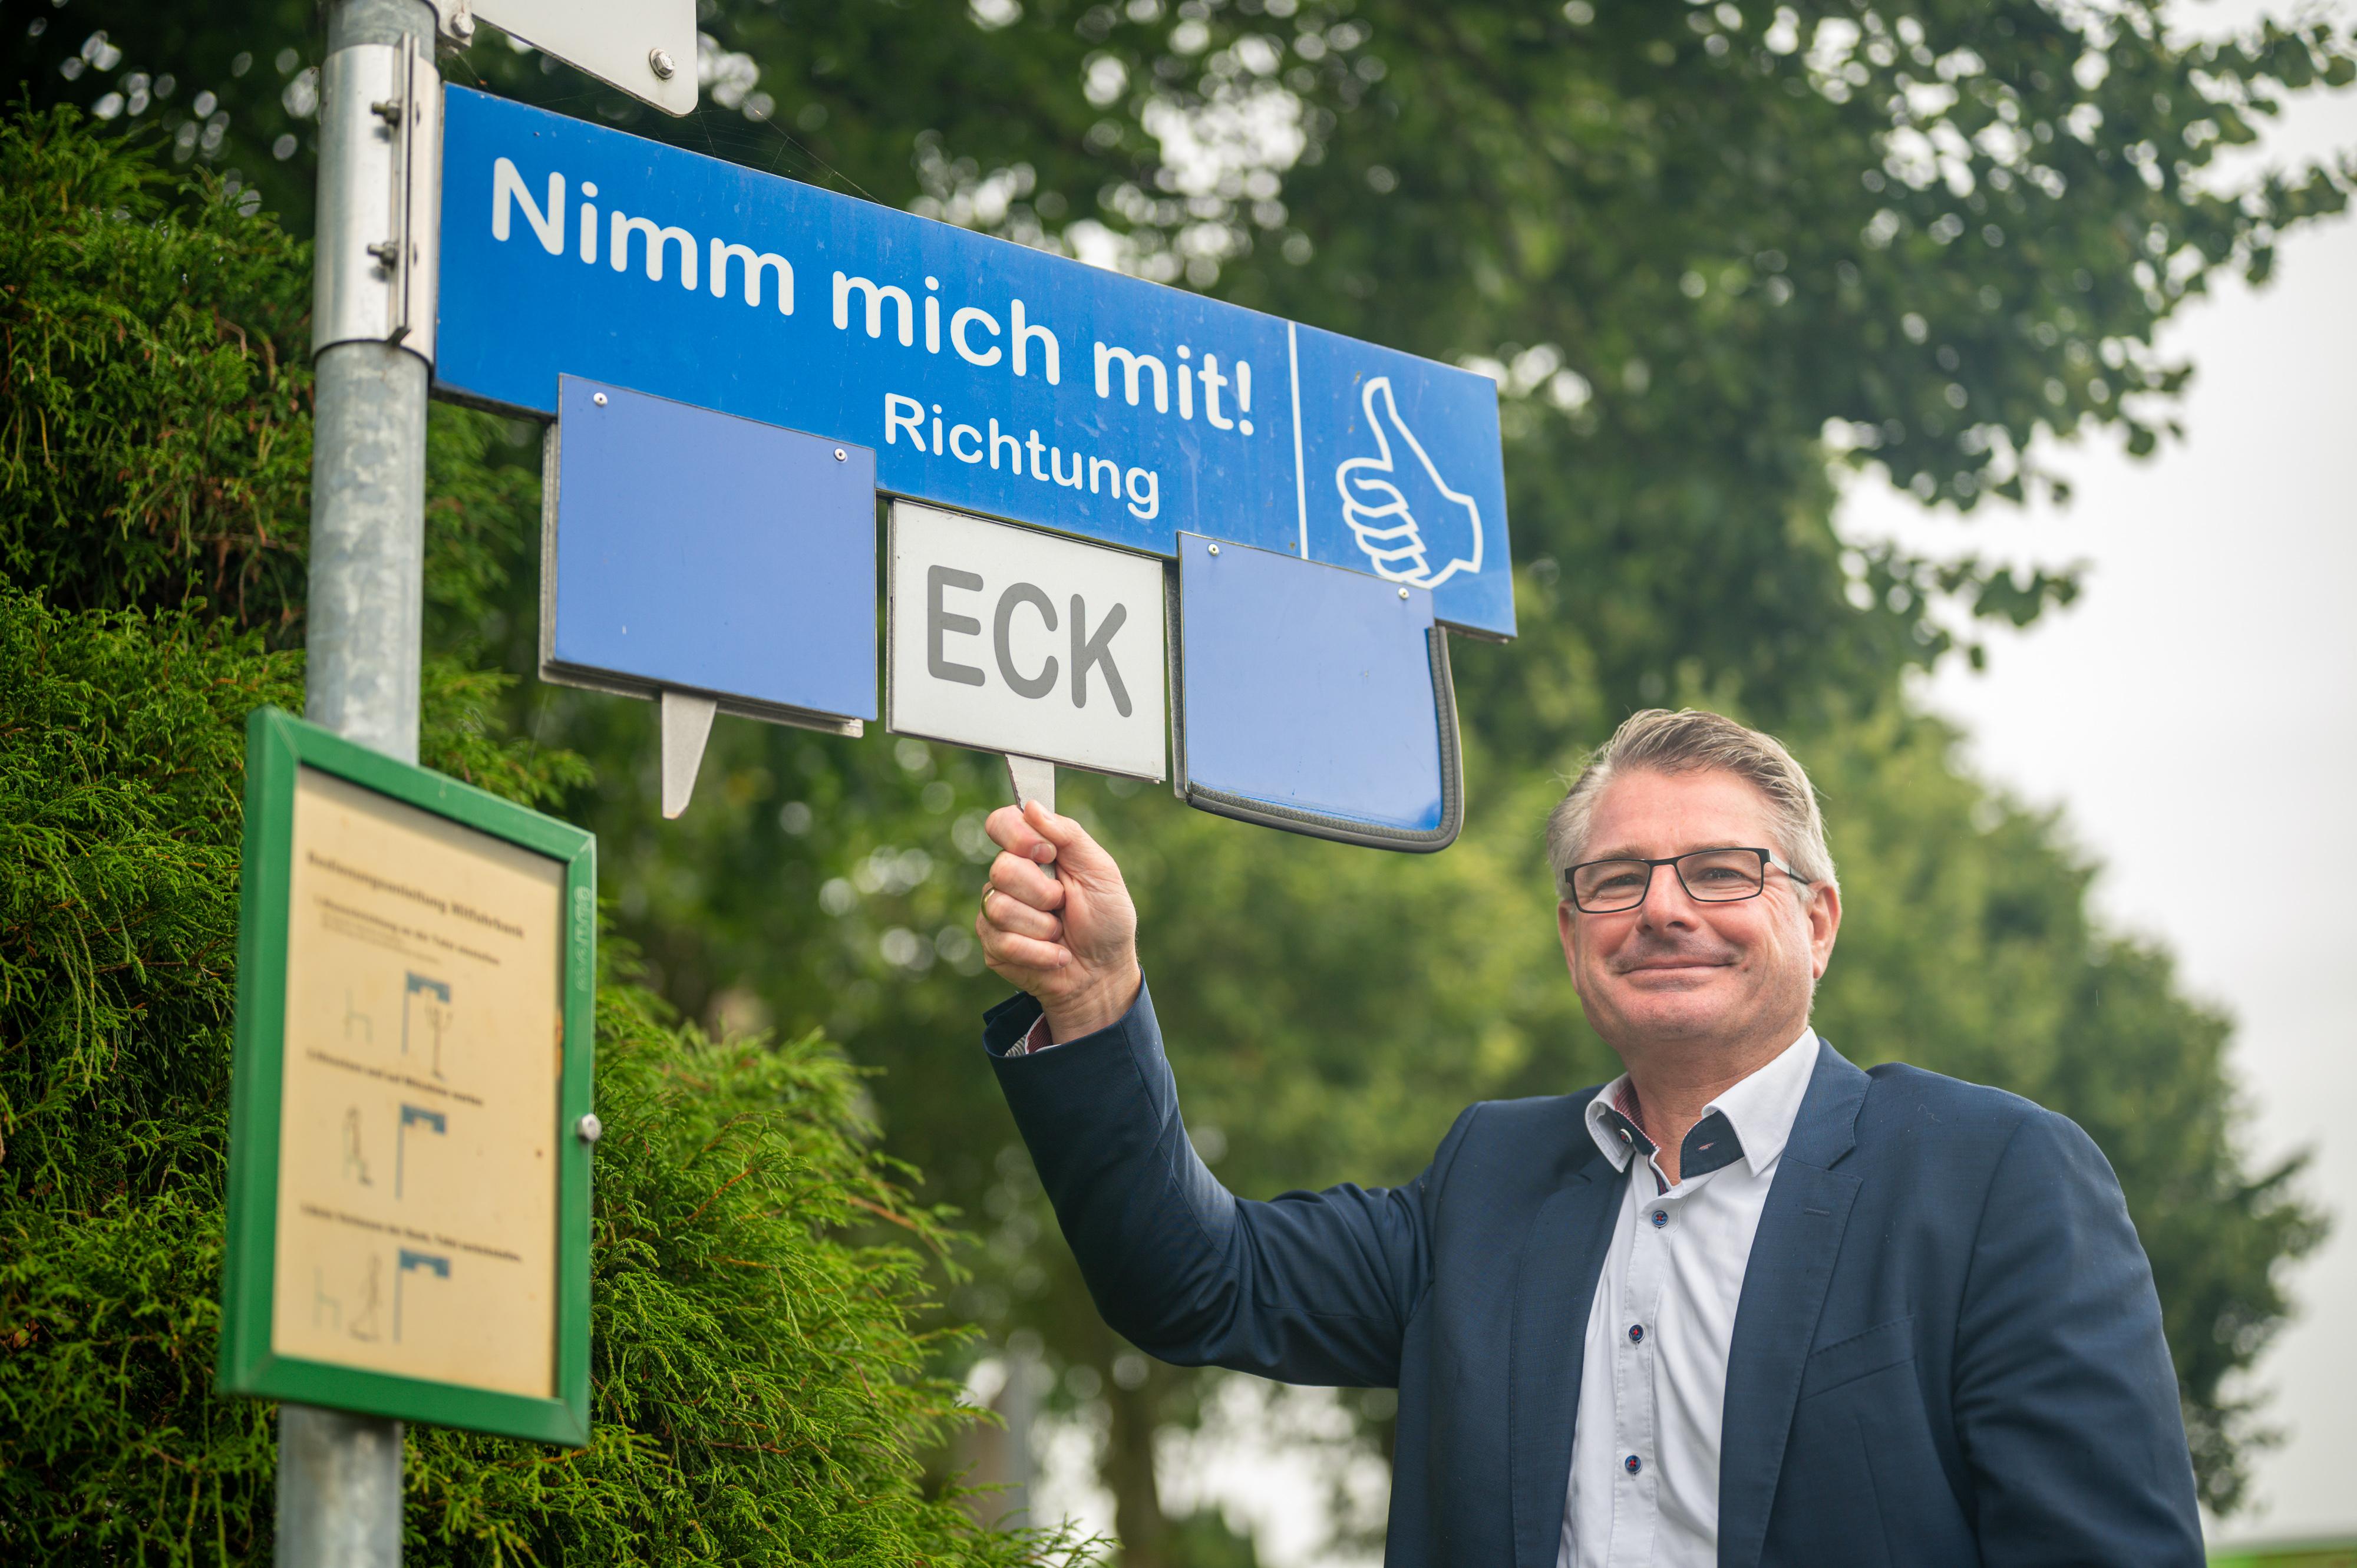 """Amtsdirektor Andreas Betz an der Mitfahrbank. Er hält die rechte Hand an ein Schild mit der Abkürzung ECK für Eckernförde. Darüber ist ein blaues Schild mit der Aufschrift """"Nimm mich mit!""""."""